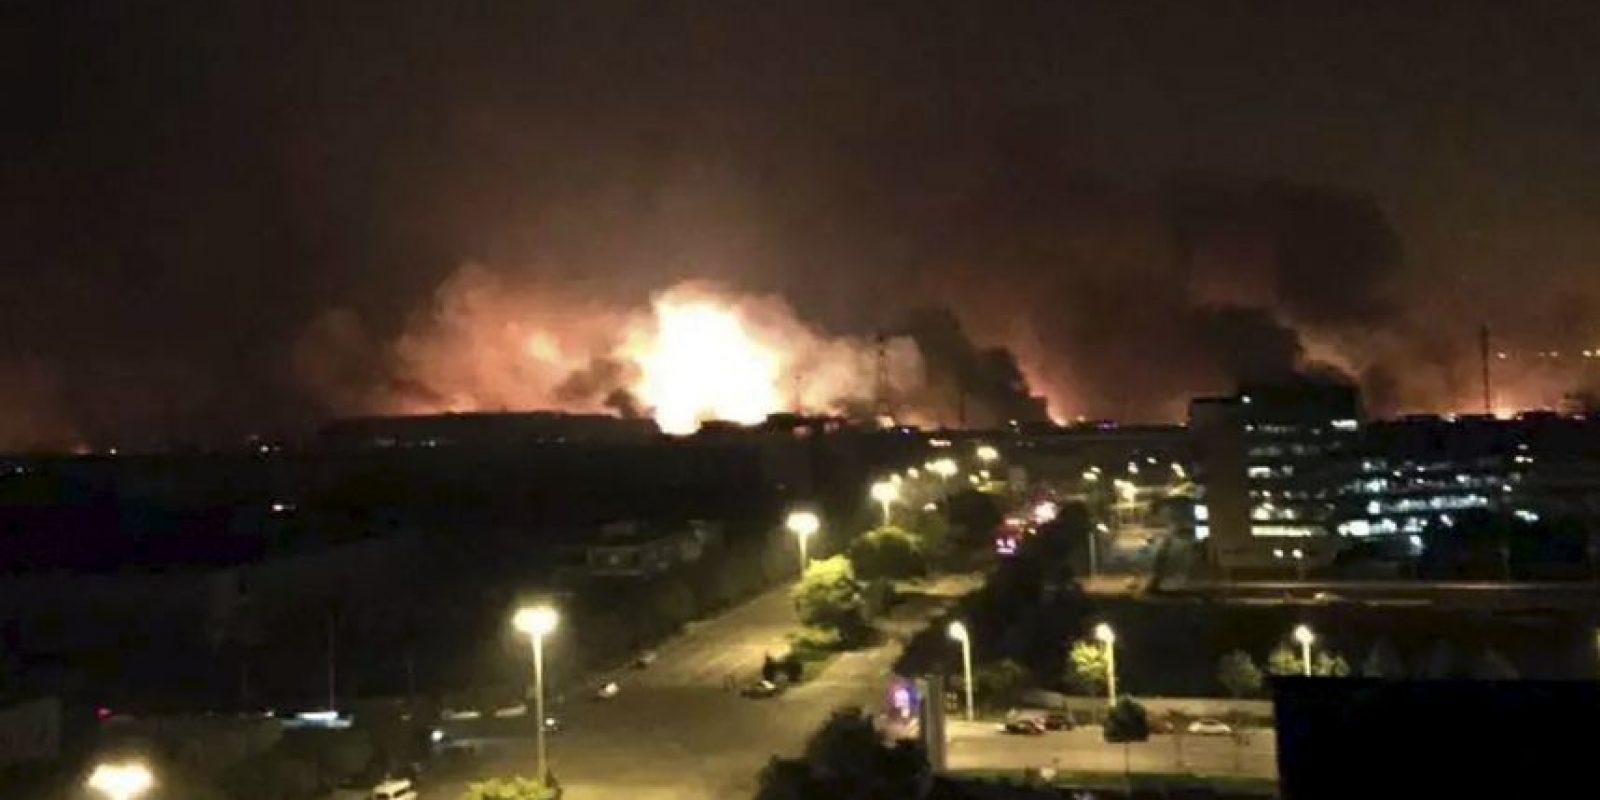 La explosión ocurrió la noche del 12 de agosto, en un municipio de China. Foto:AP